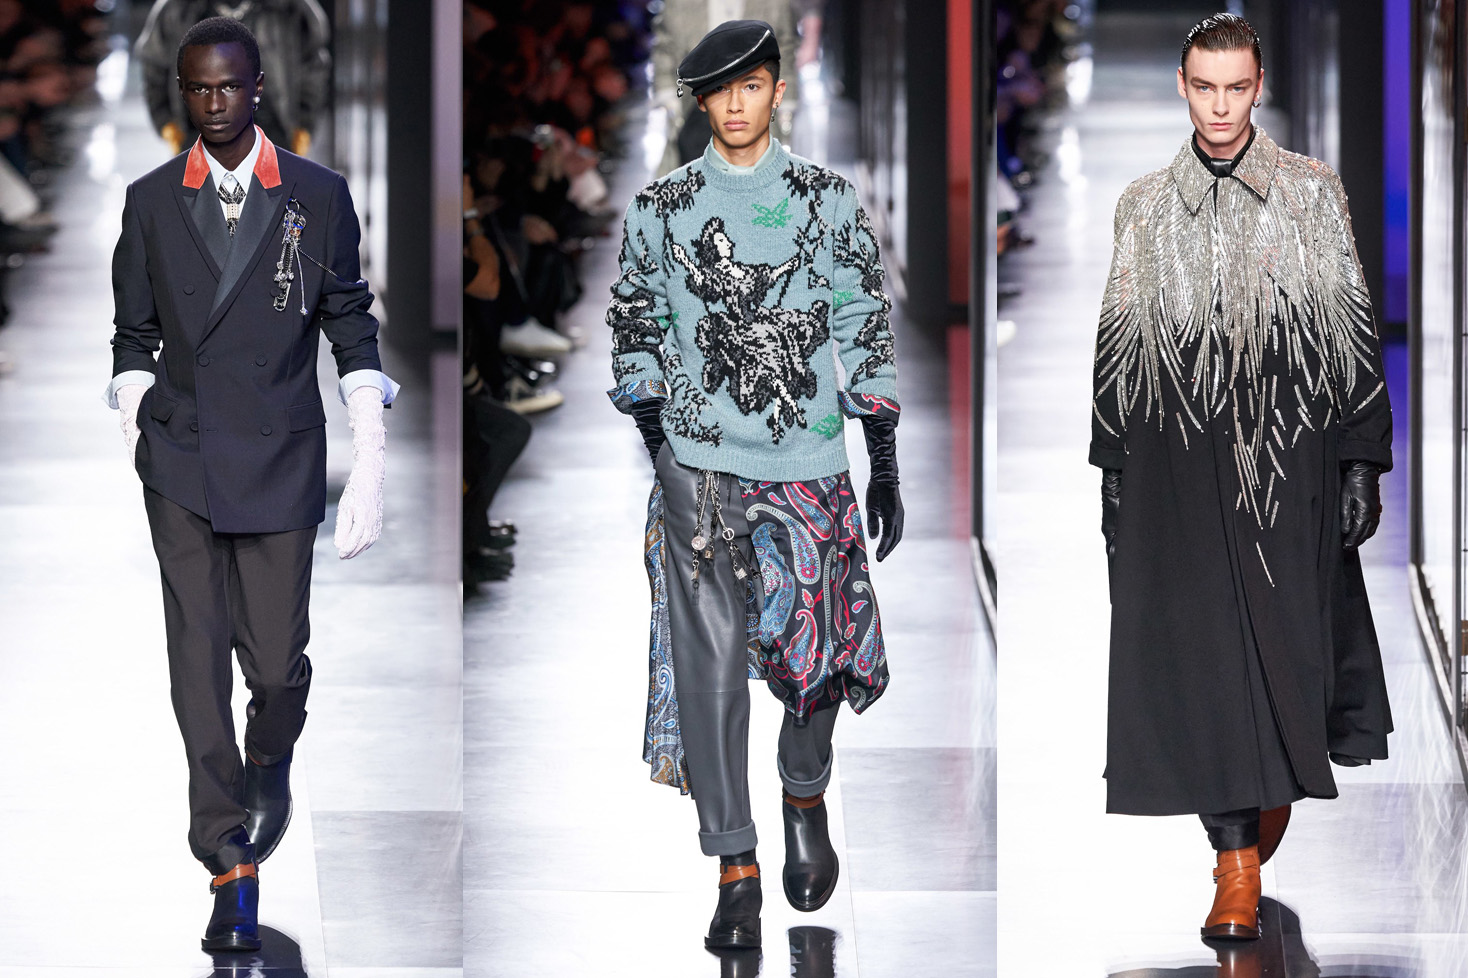 Dior FW20 menswear